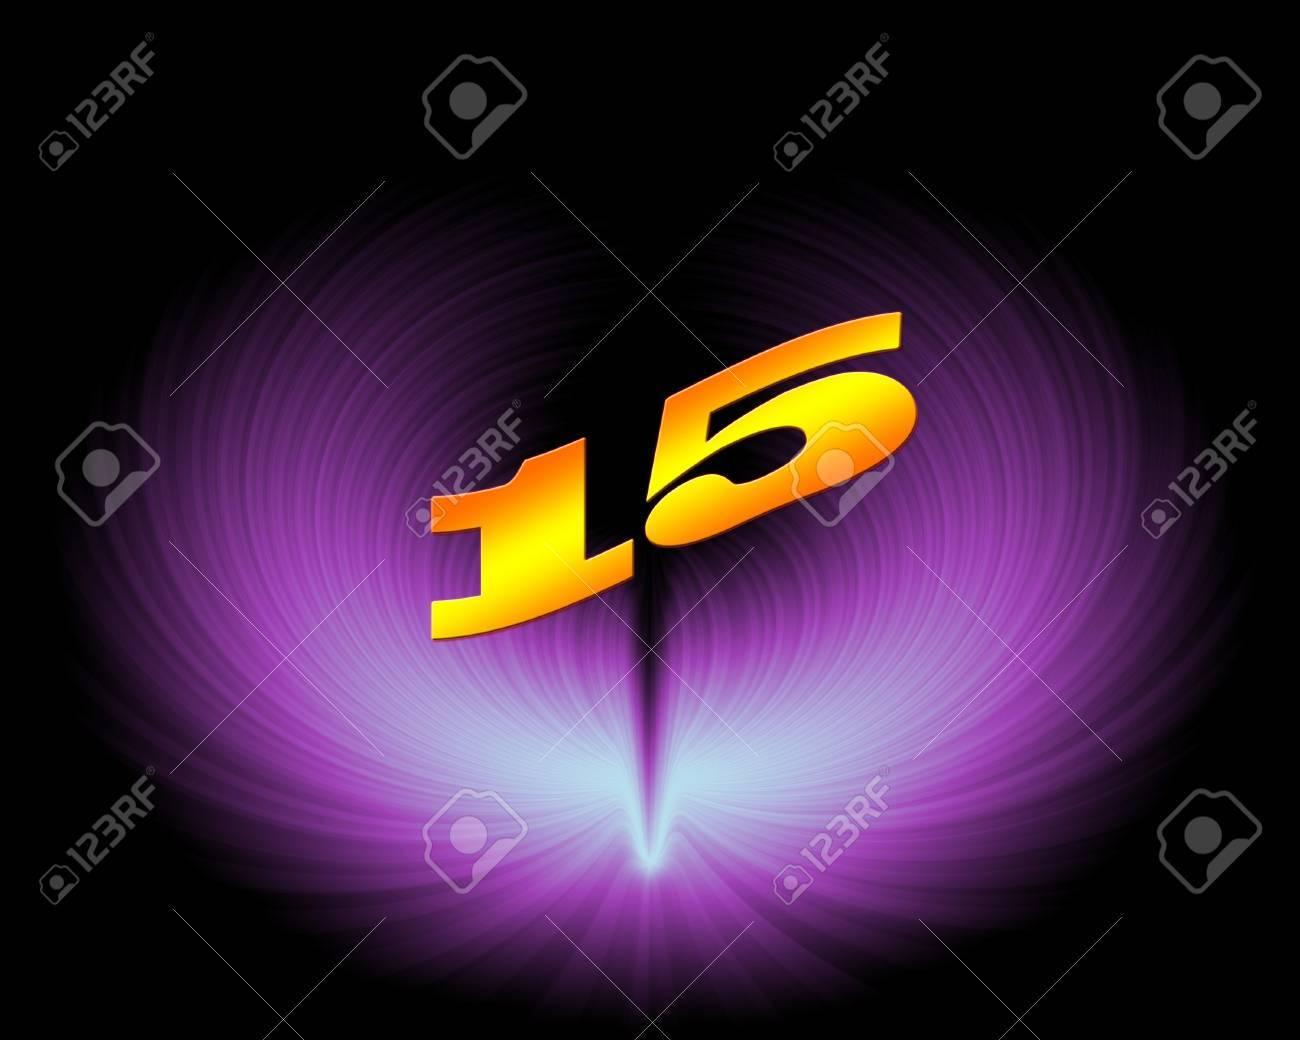 15 or 15th anniversary in artistic design - 11420030